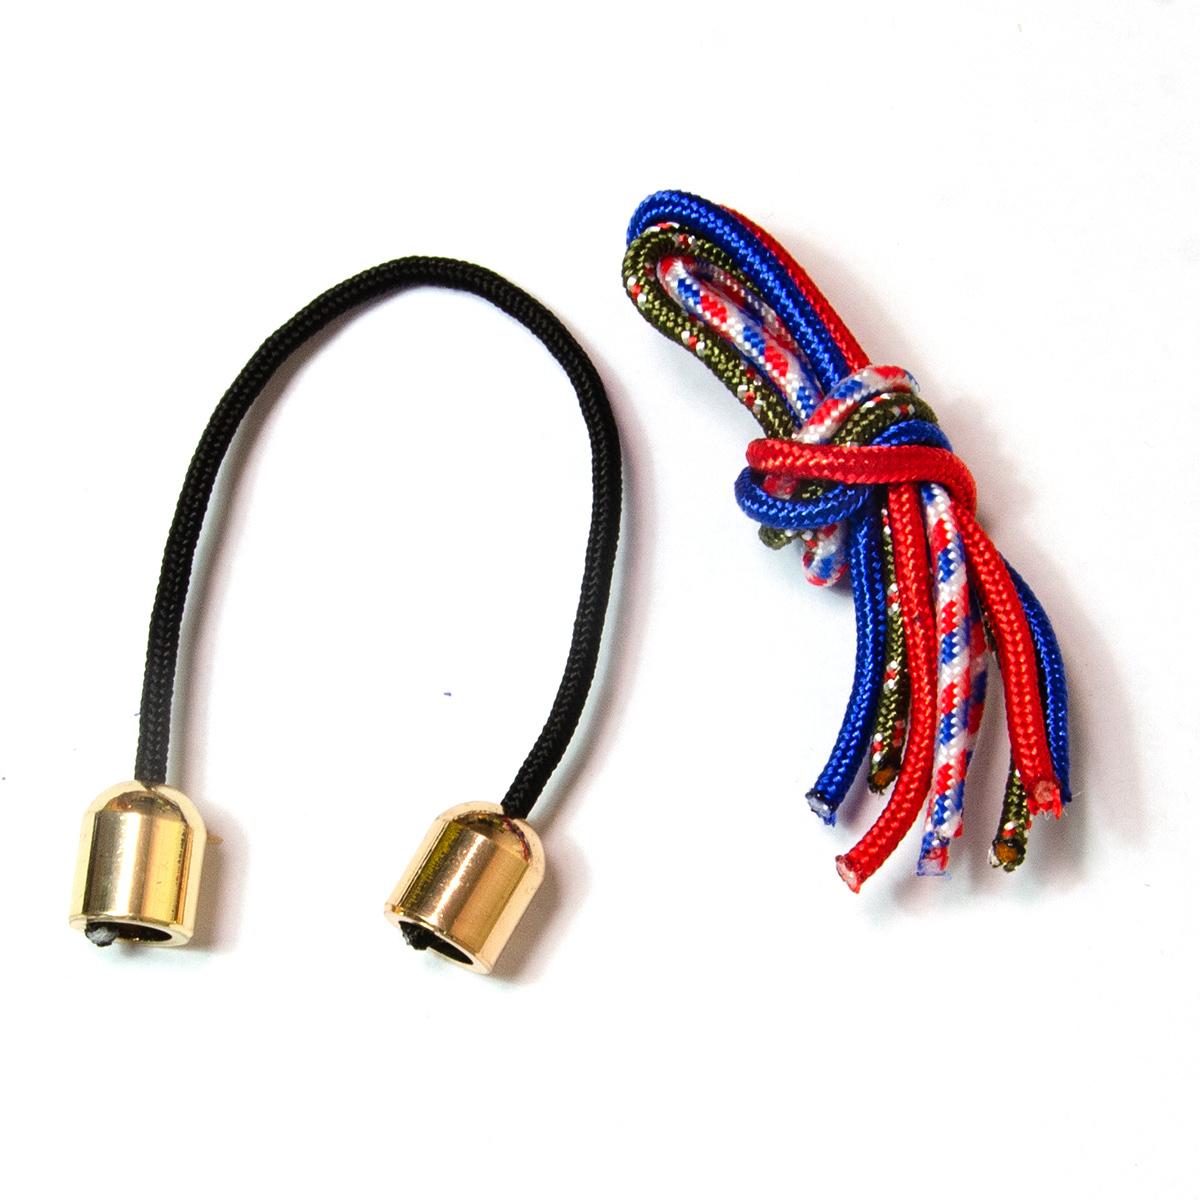 Беглері Професійний + 4 запасні мотузки